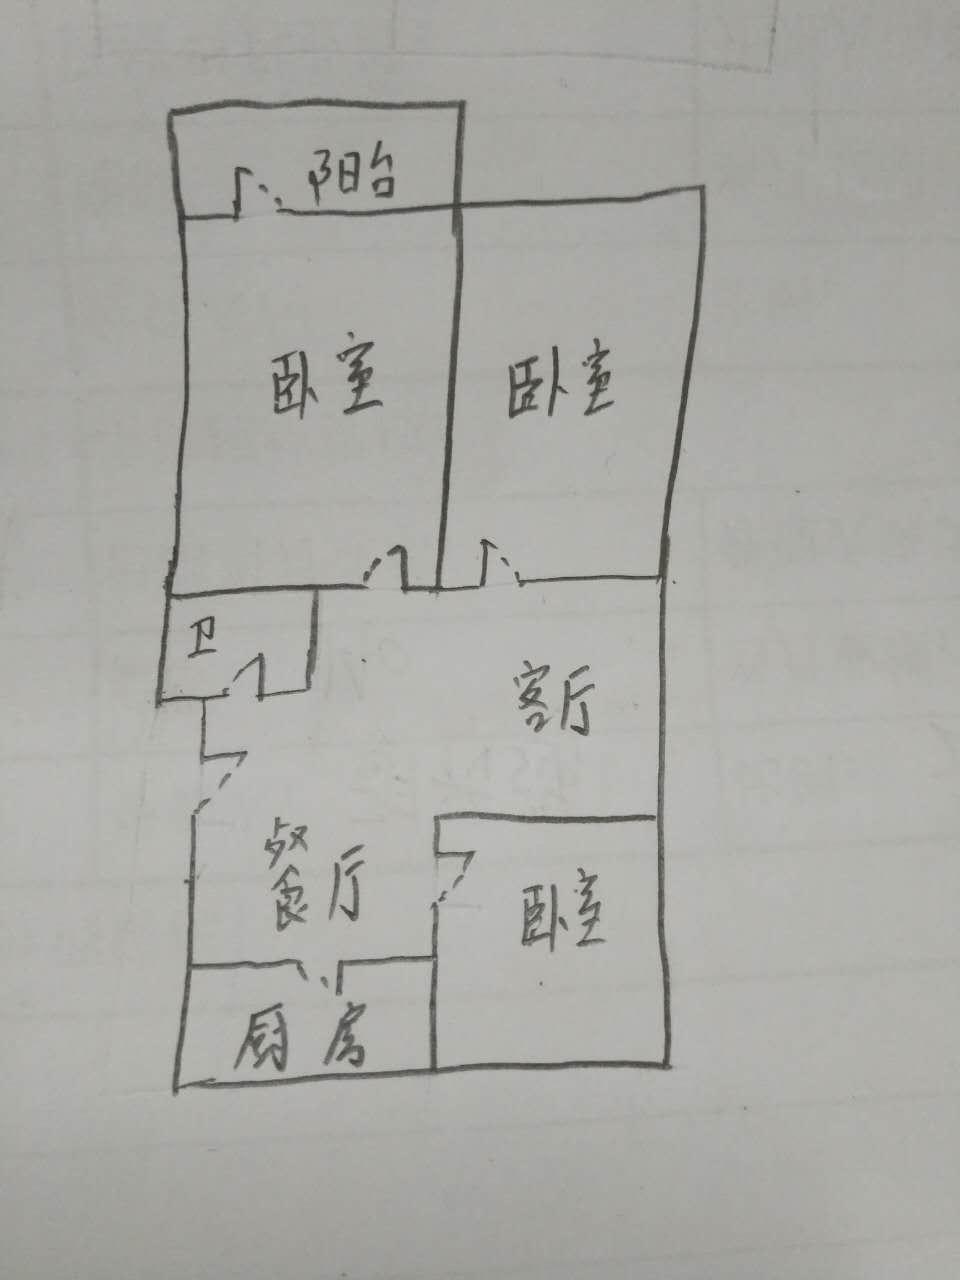 纺织局宿舍 3室2厅 3楼